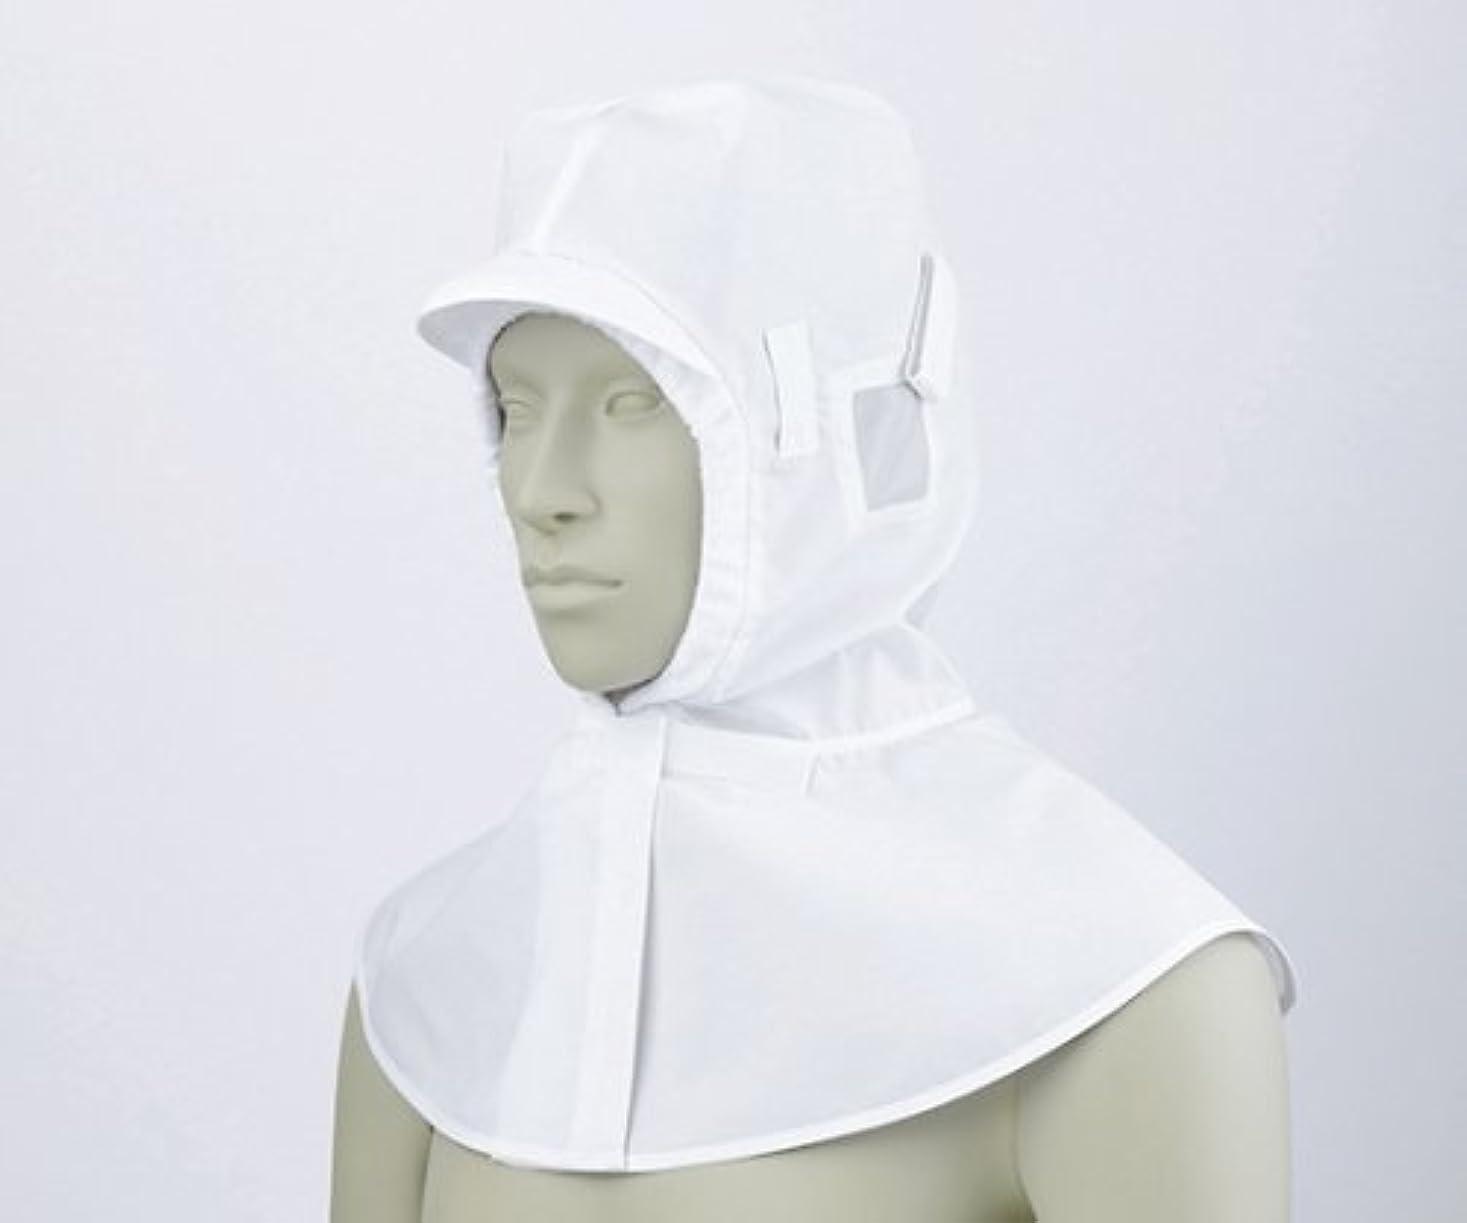 宇宙平衡腐敗した頭巾帽子 白/61-6133-42